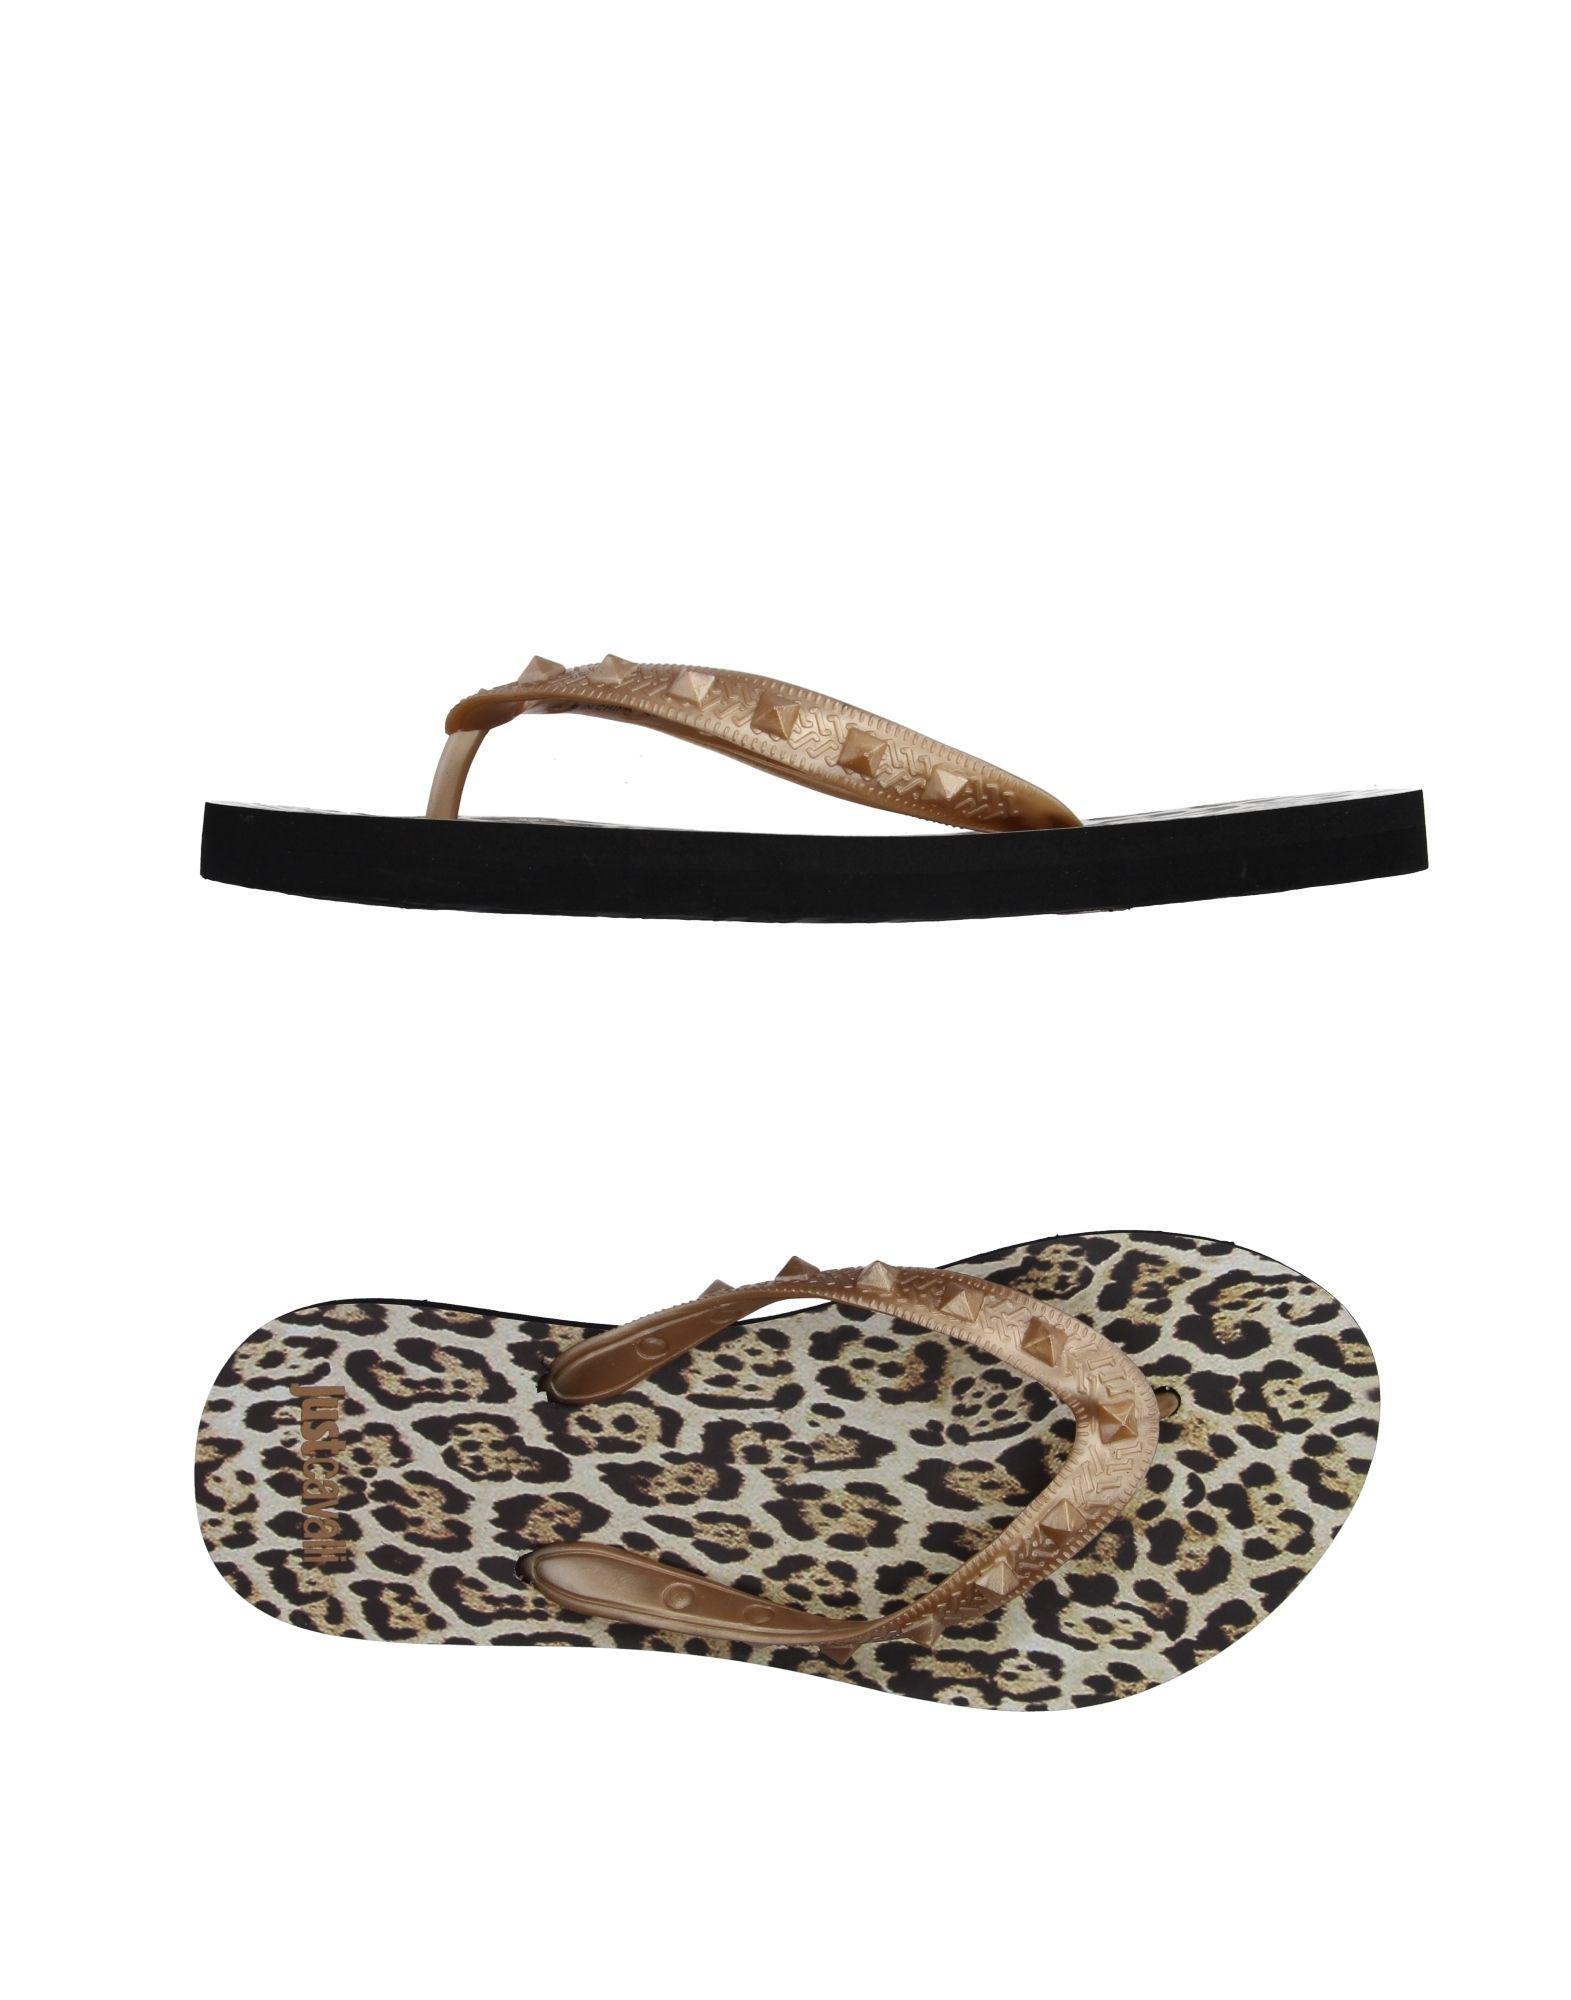 FOOTWEAR - Toe post sandals Just Cavalli kc8MrXx